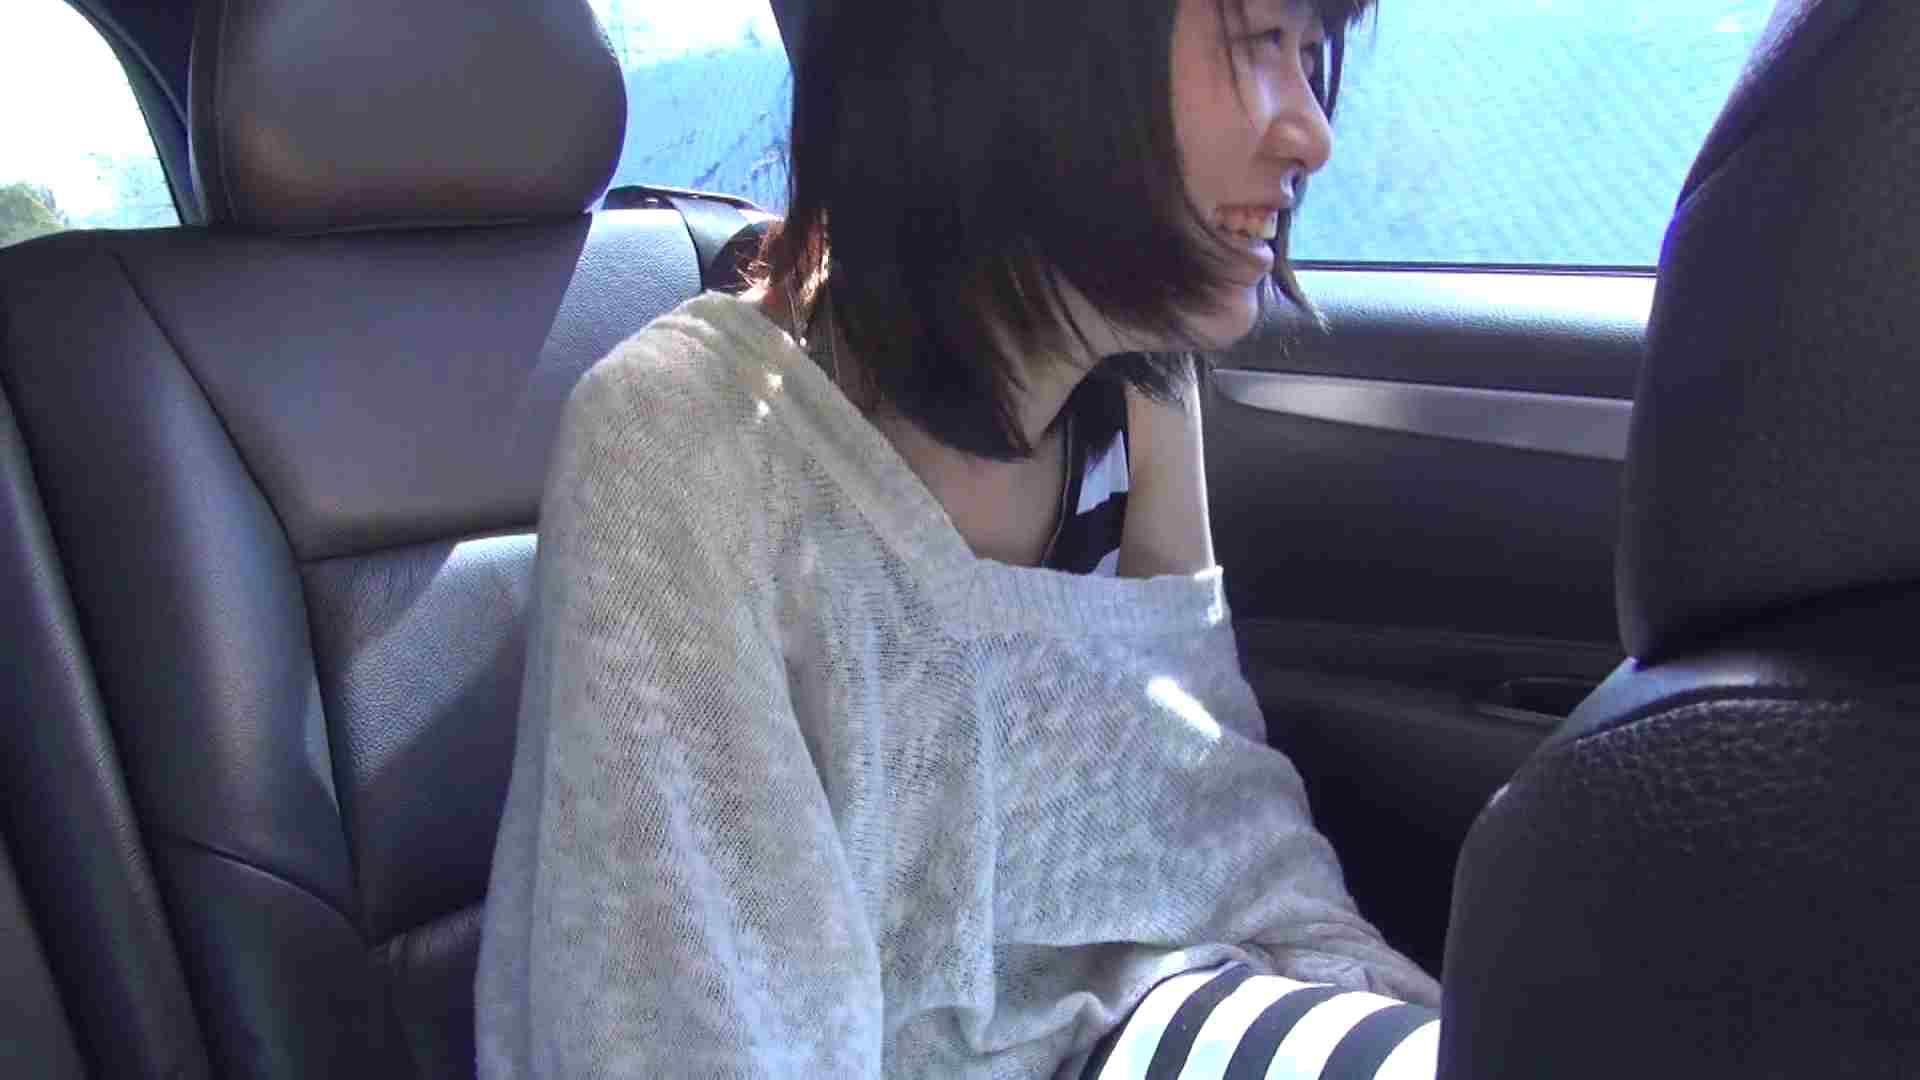 【母の時・01】インタビュー→とびっこ 覗き アダルト動画キャプチャ 103枚 88